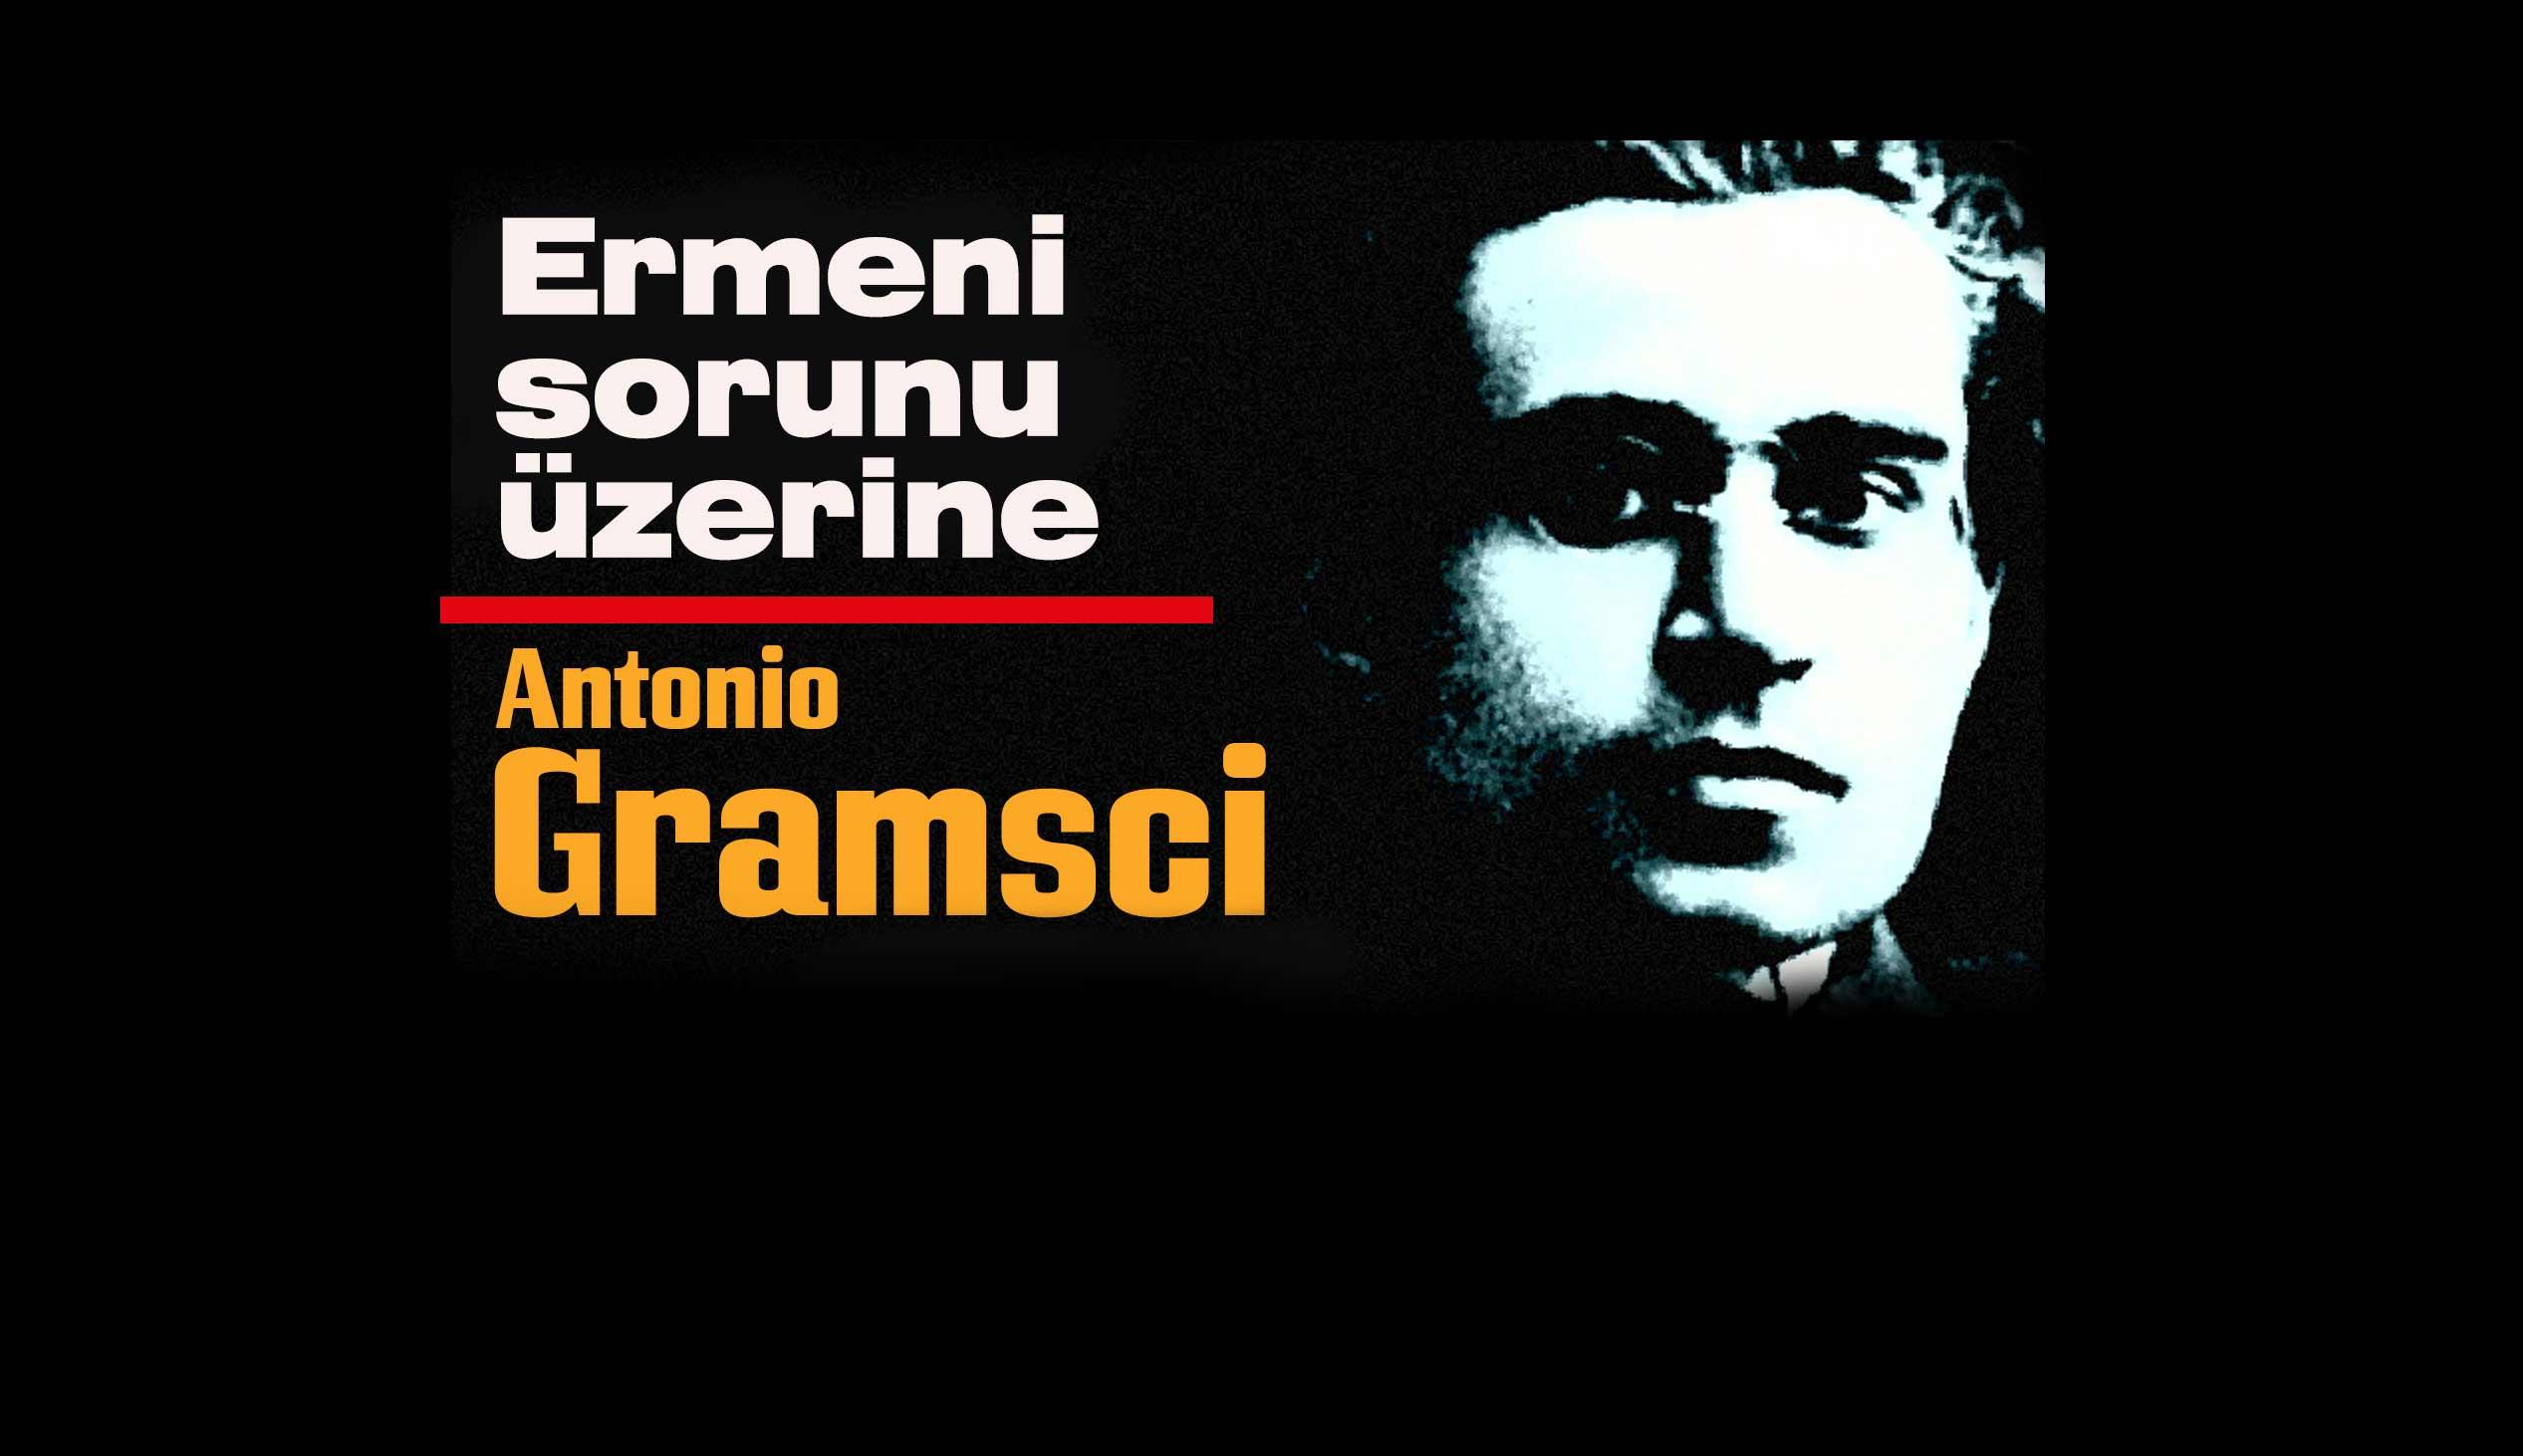 ermeni sorunu, antonio gramsci, ermeni sorunu üzerine, 1915 ermeni soykırımı, ermenistan, gramsci, tartışma, makale, tarih, yorum, bilimsel makale, halkın çığlığı,